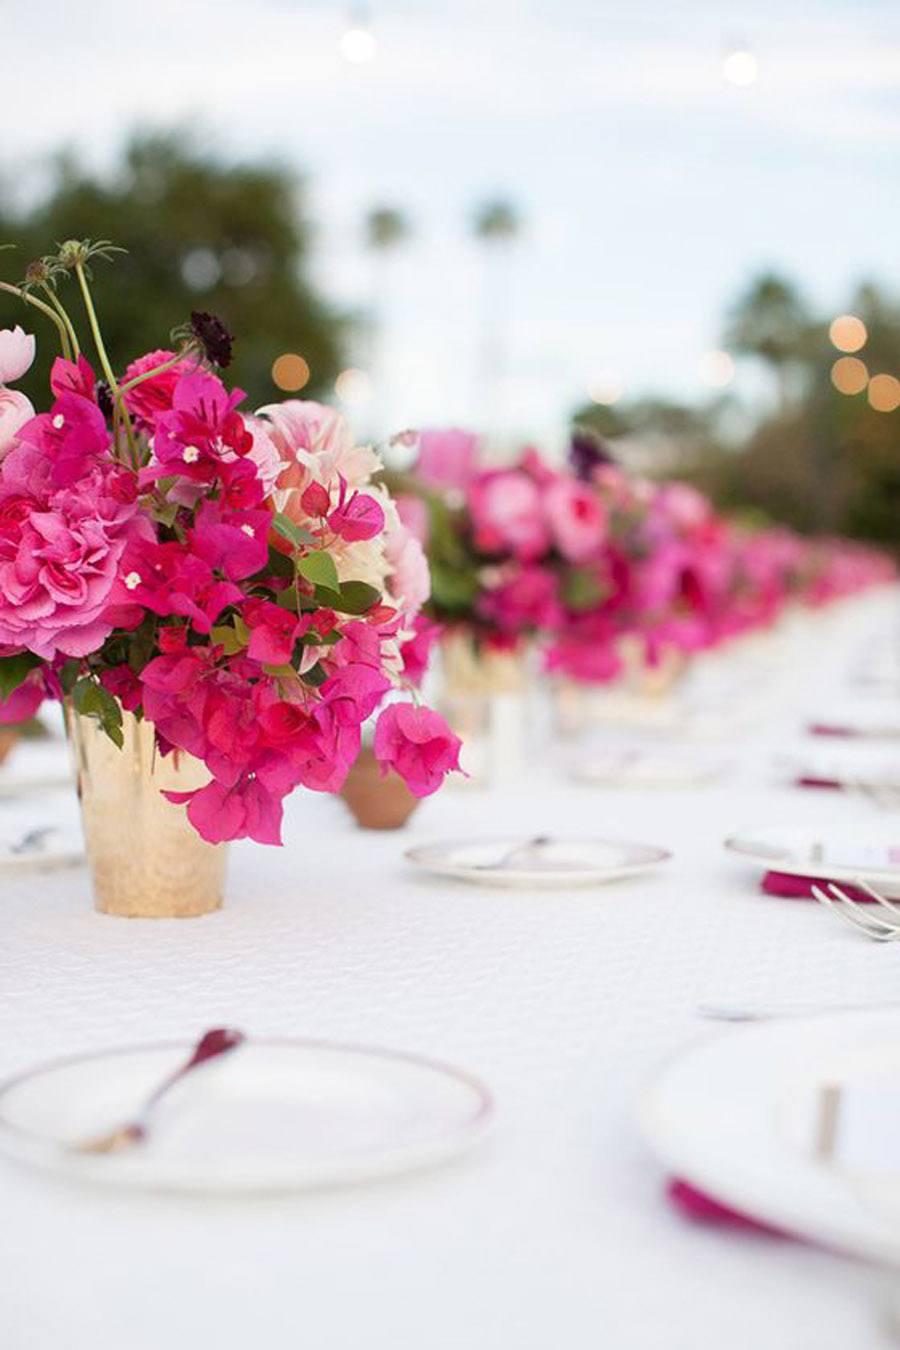 Necesito ideas para decorar mi ceremonia civil! 21